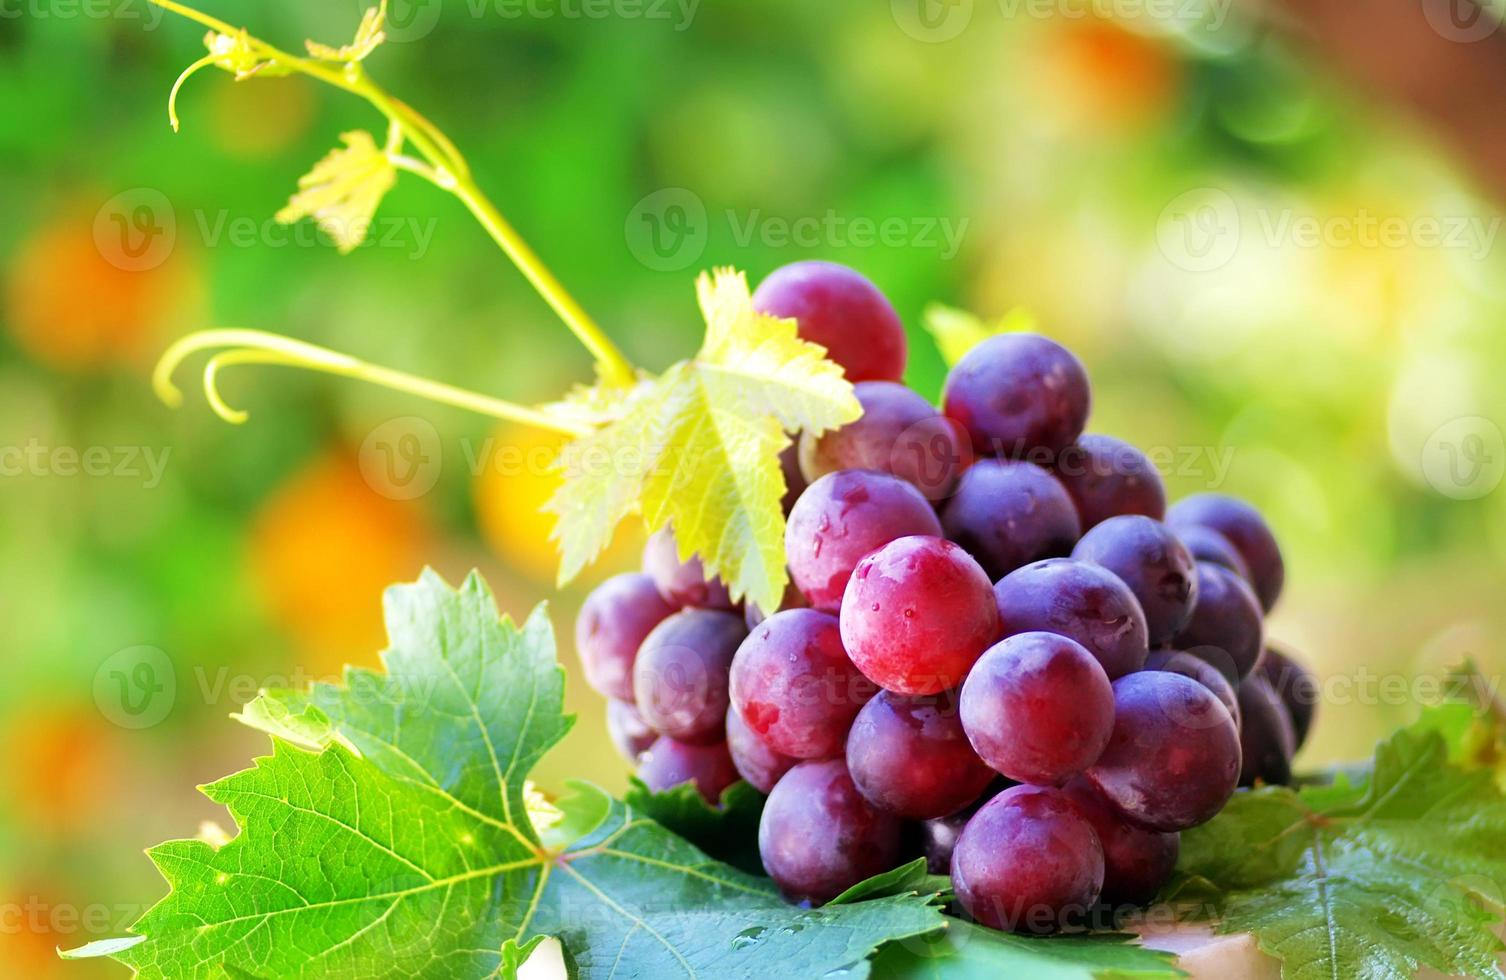 rijpe druiven met groene bladeren foto